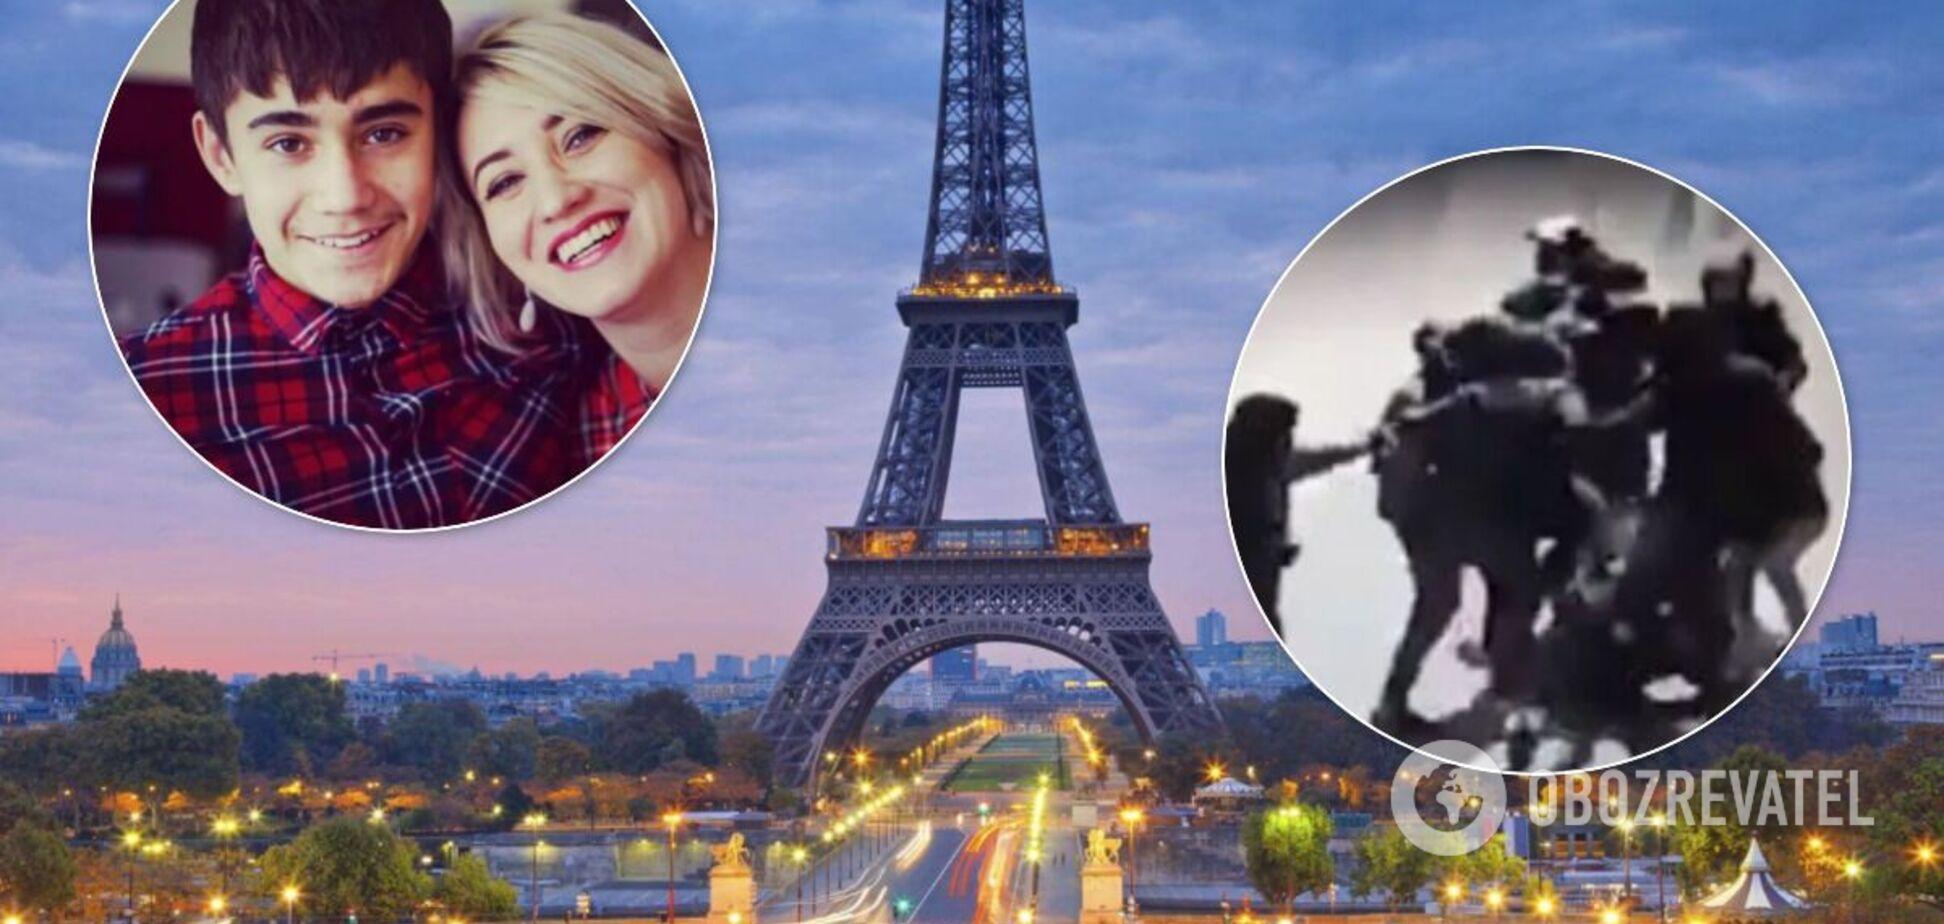 Избиение украинца в Париже: с Юрием работают пластические хирурги, к делу подключилась власть